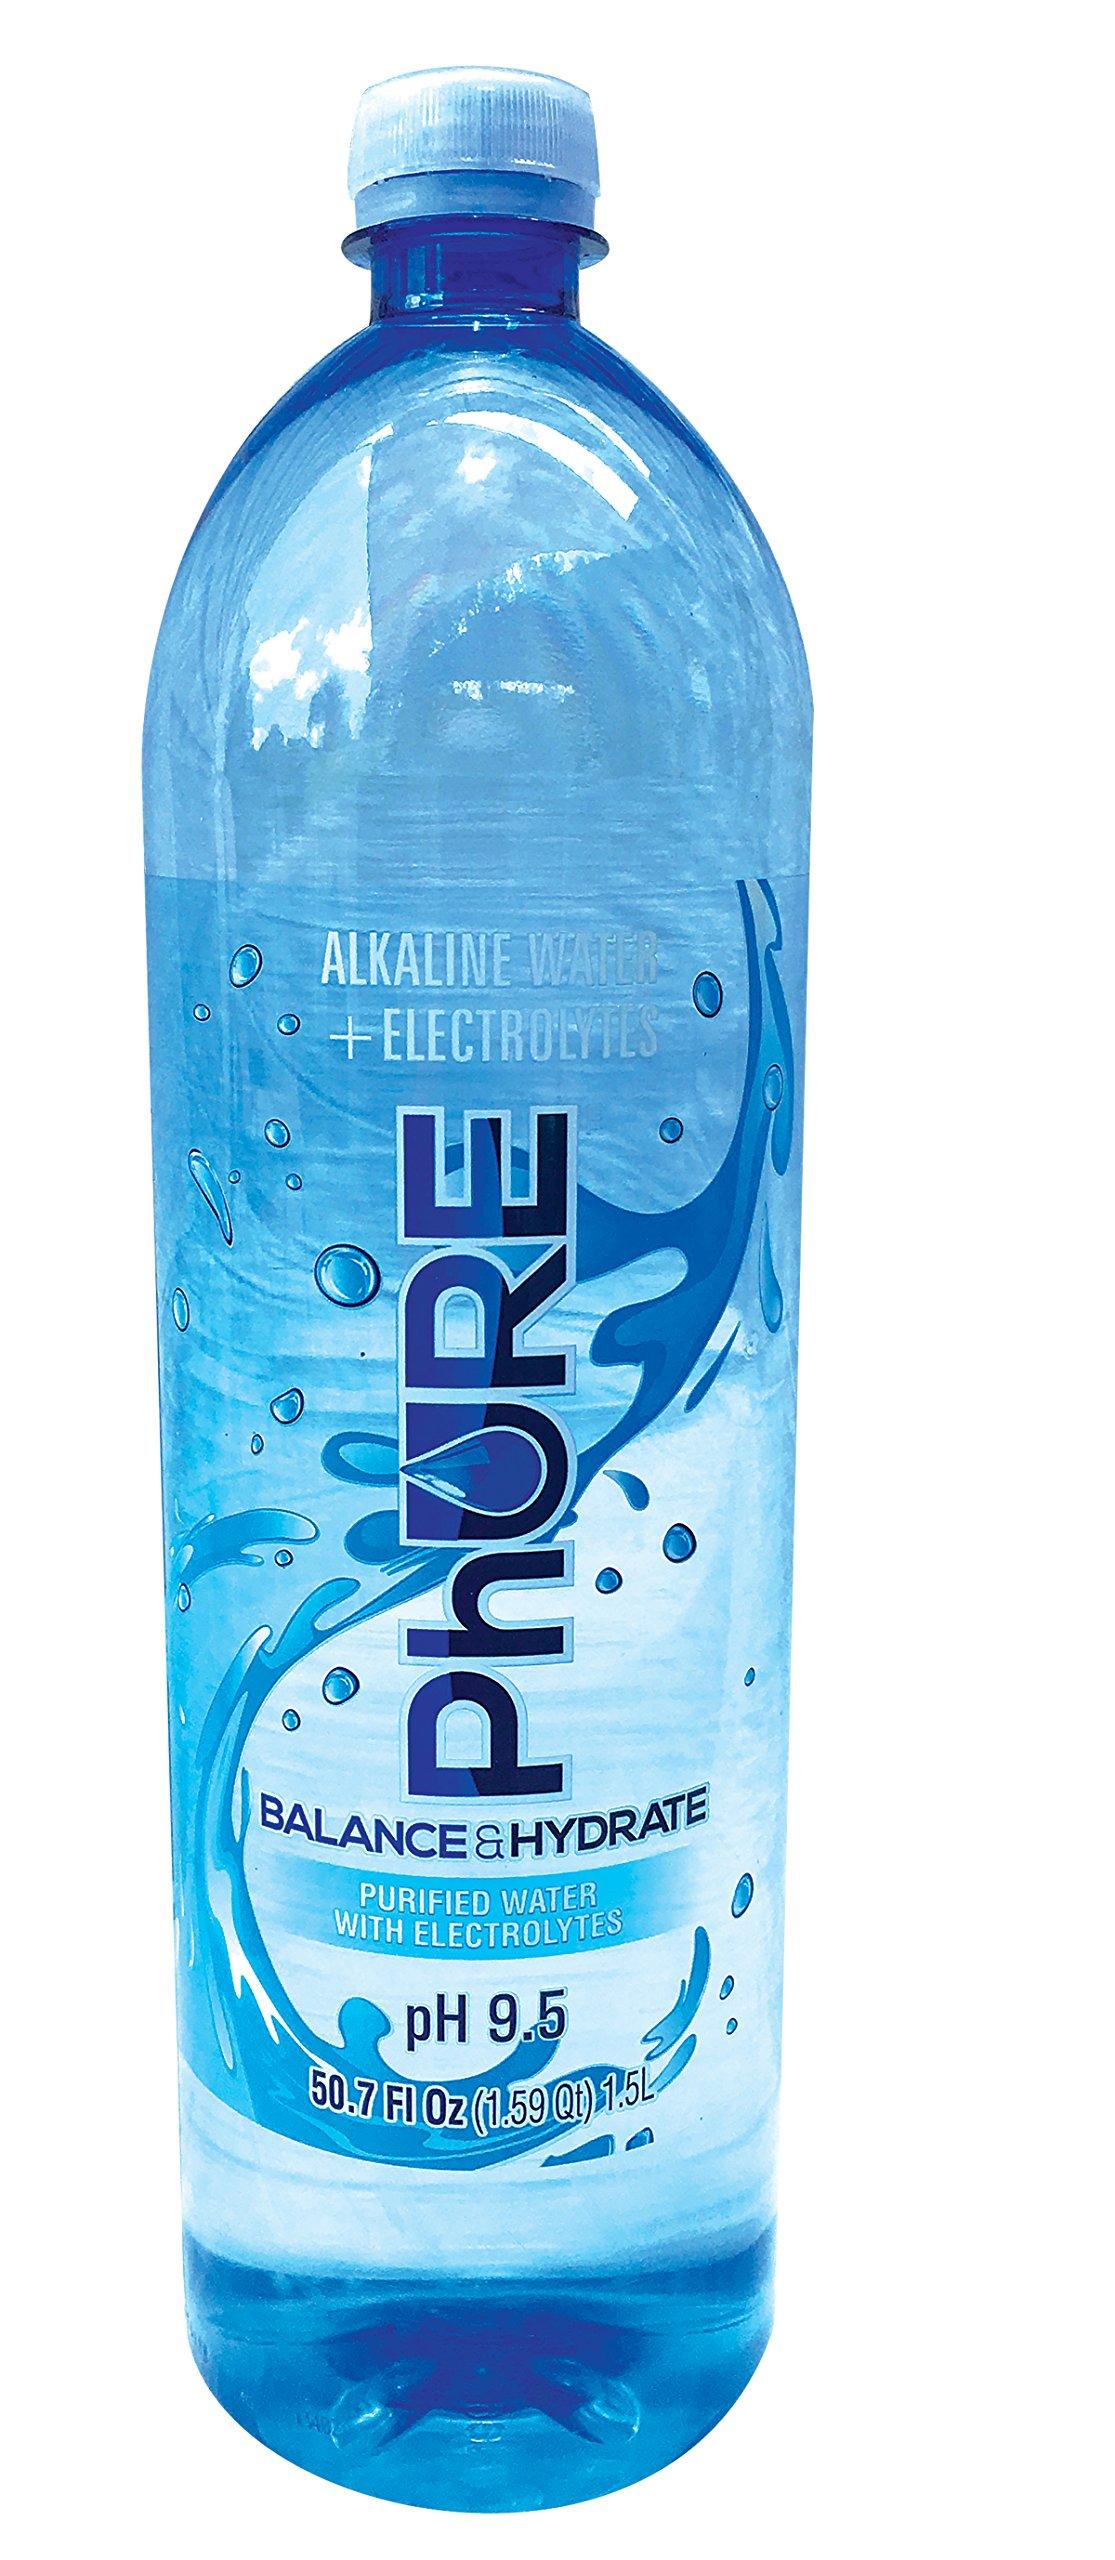 PhURE Alkaline Water, 50.70 Ounce, 12 Count by PhURE Alkaline Water